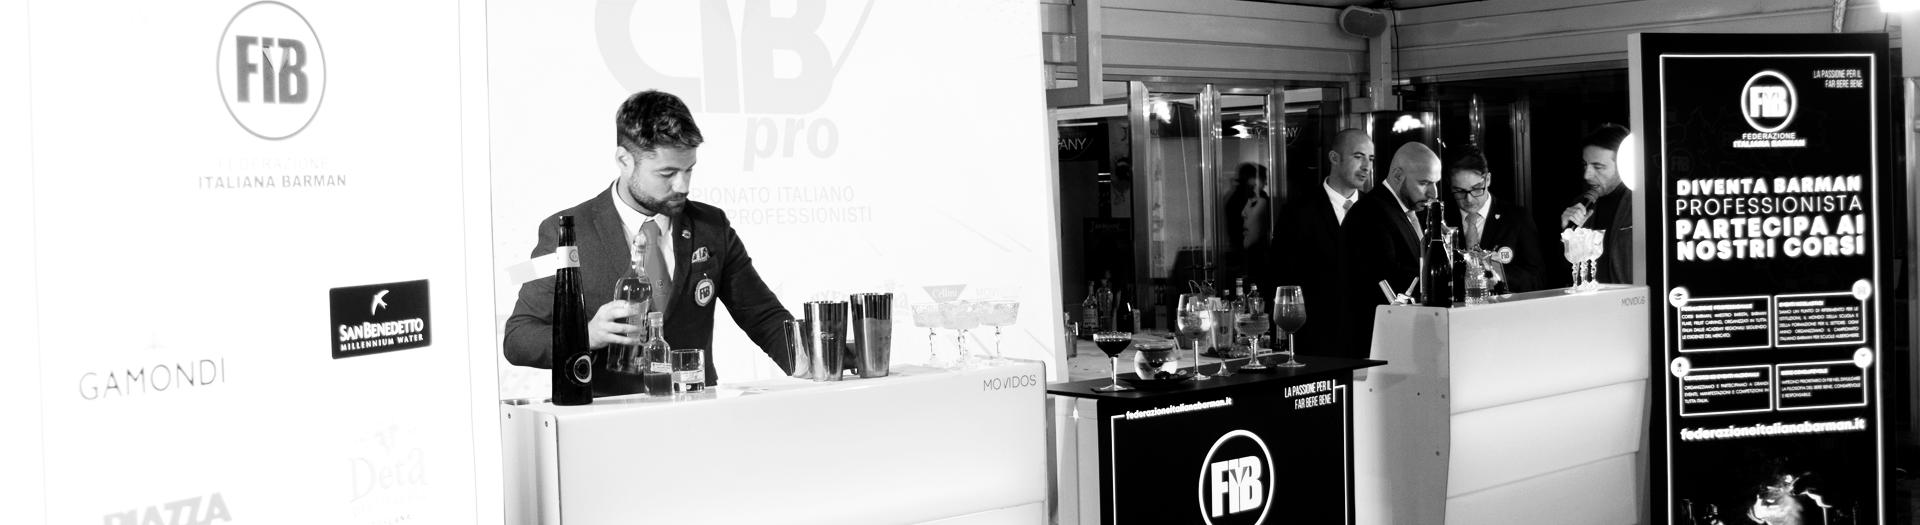 Affidati alla professionalità dei barman di Federazione Italiana Barman